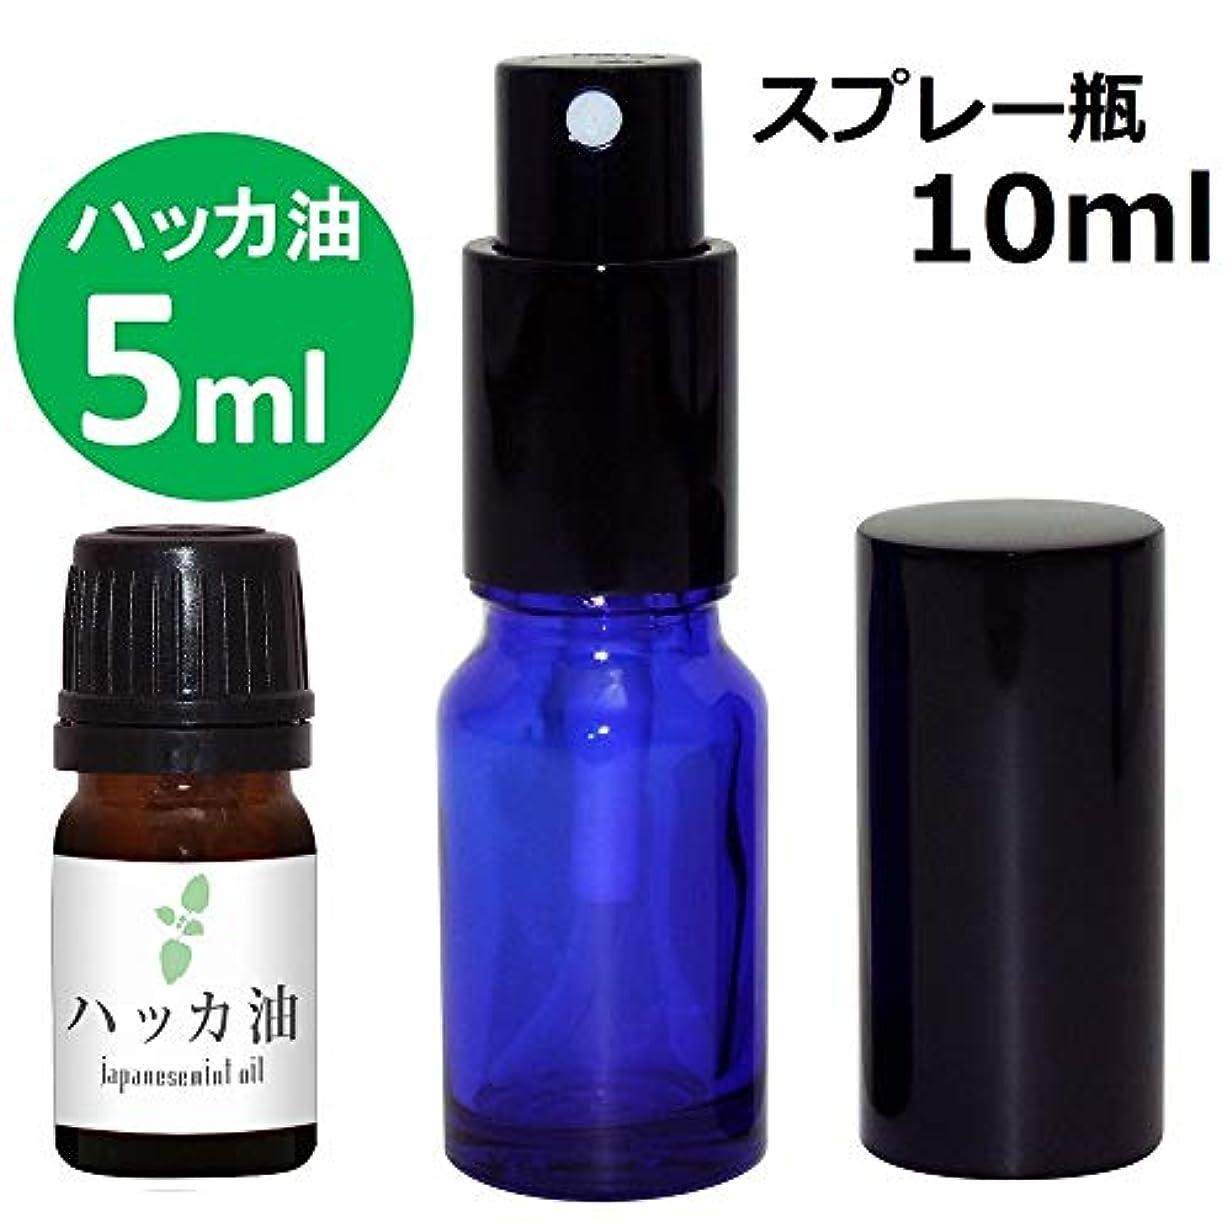 夢ようこそ秀でるガレージ?ゼロ ハッカ油 5ml(GZAK11)+ガラス瓶 スプレーボトル10ml/和種薄荷/ジャパニーズミント GSE532